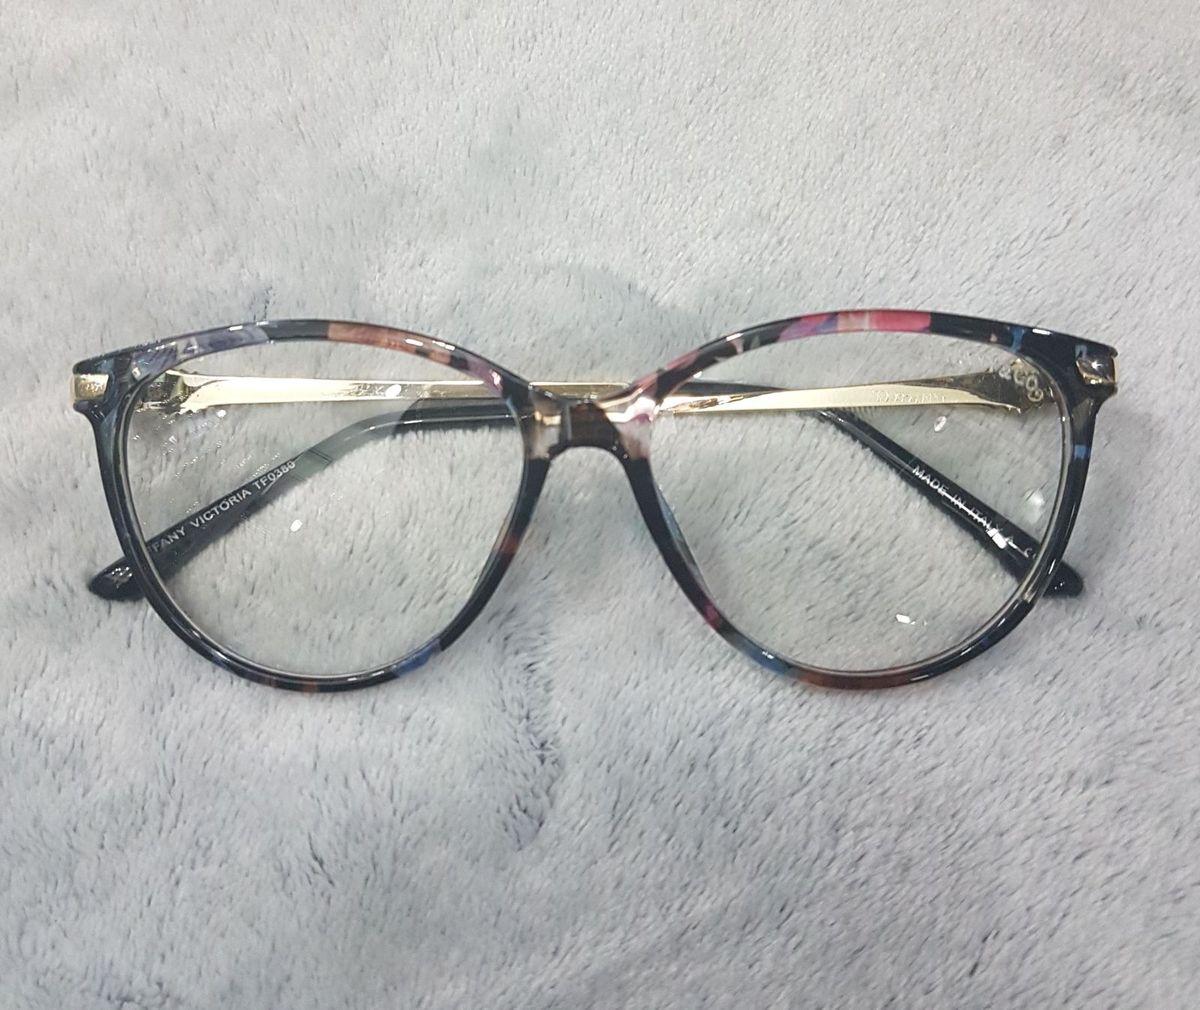 211df3b5fb611 armações pra lente de grau - óculos tiffany.  Czm6ly9wag90b3muzw5qb2vplmnvbs5ici9wcm9kdwn0cy84njgwndazlzkxztk2mzewzjnhotqynzg5mmyyyte3njczngmwmdq1lmpwzw  ...